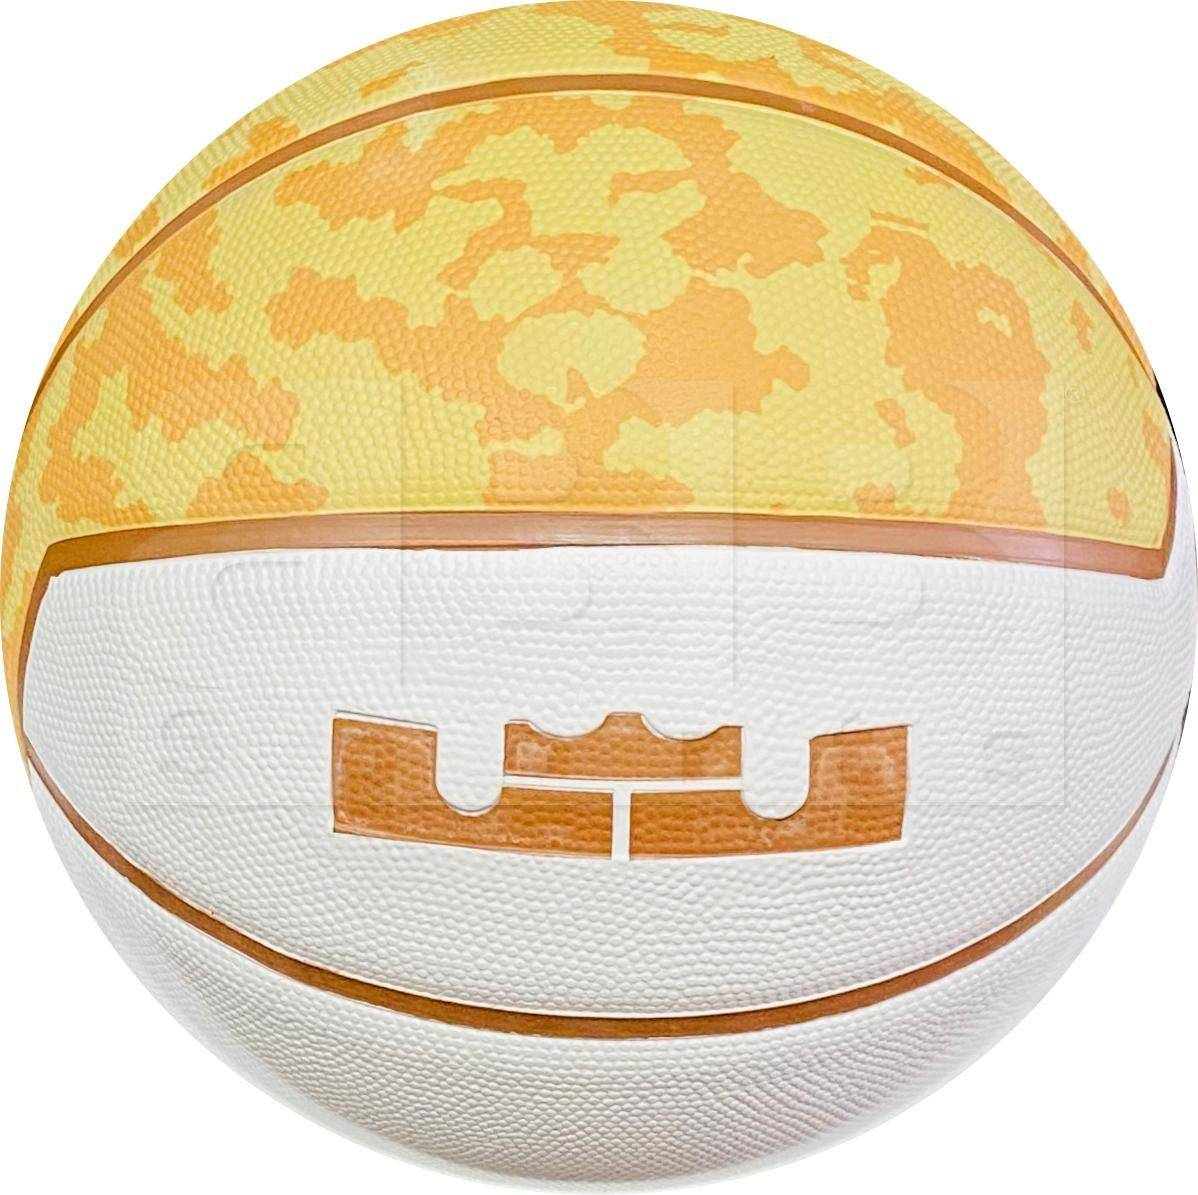 Nike Lebron James Basketball Ball